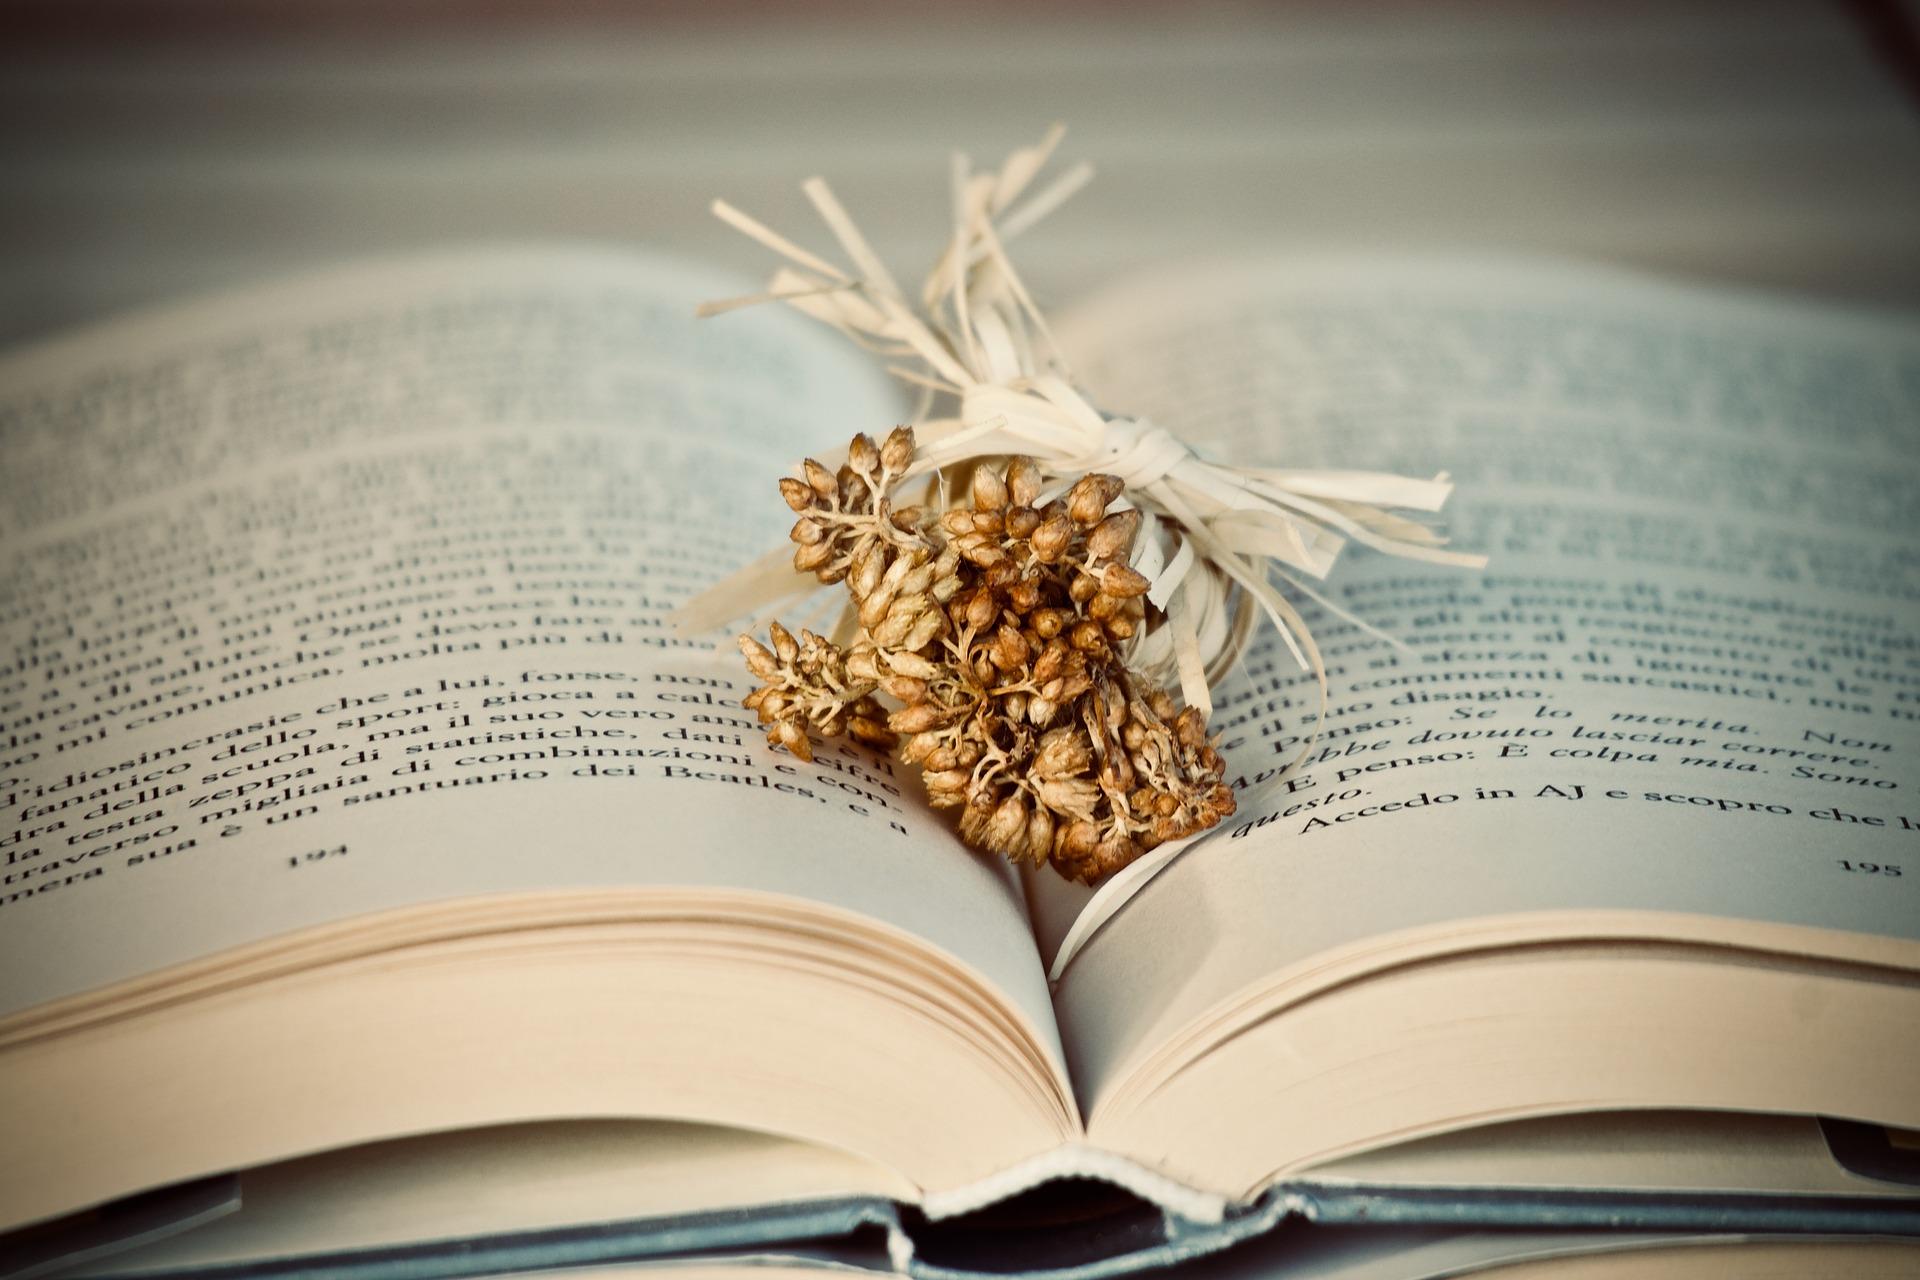 book-3841170_1920.jpg